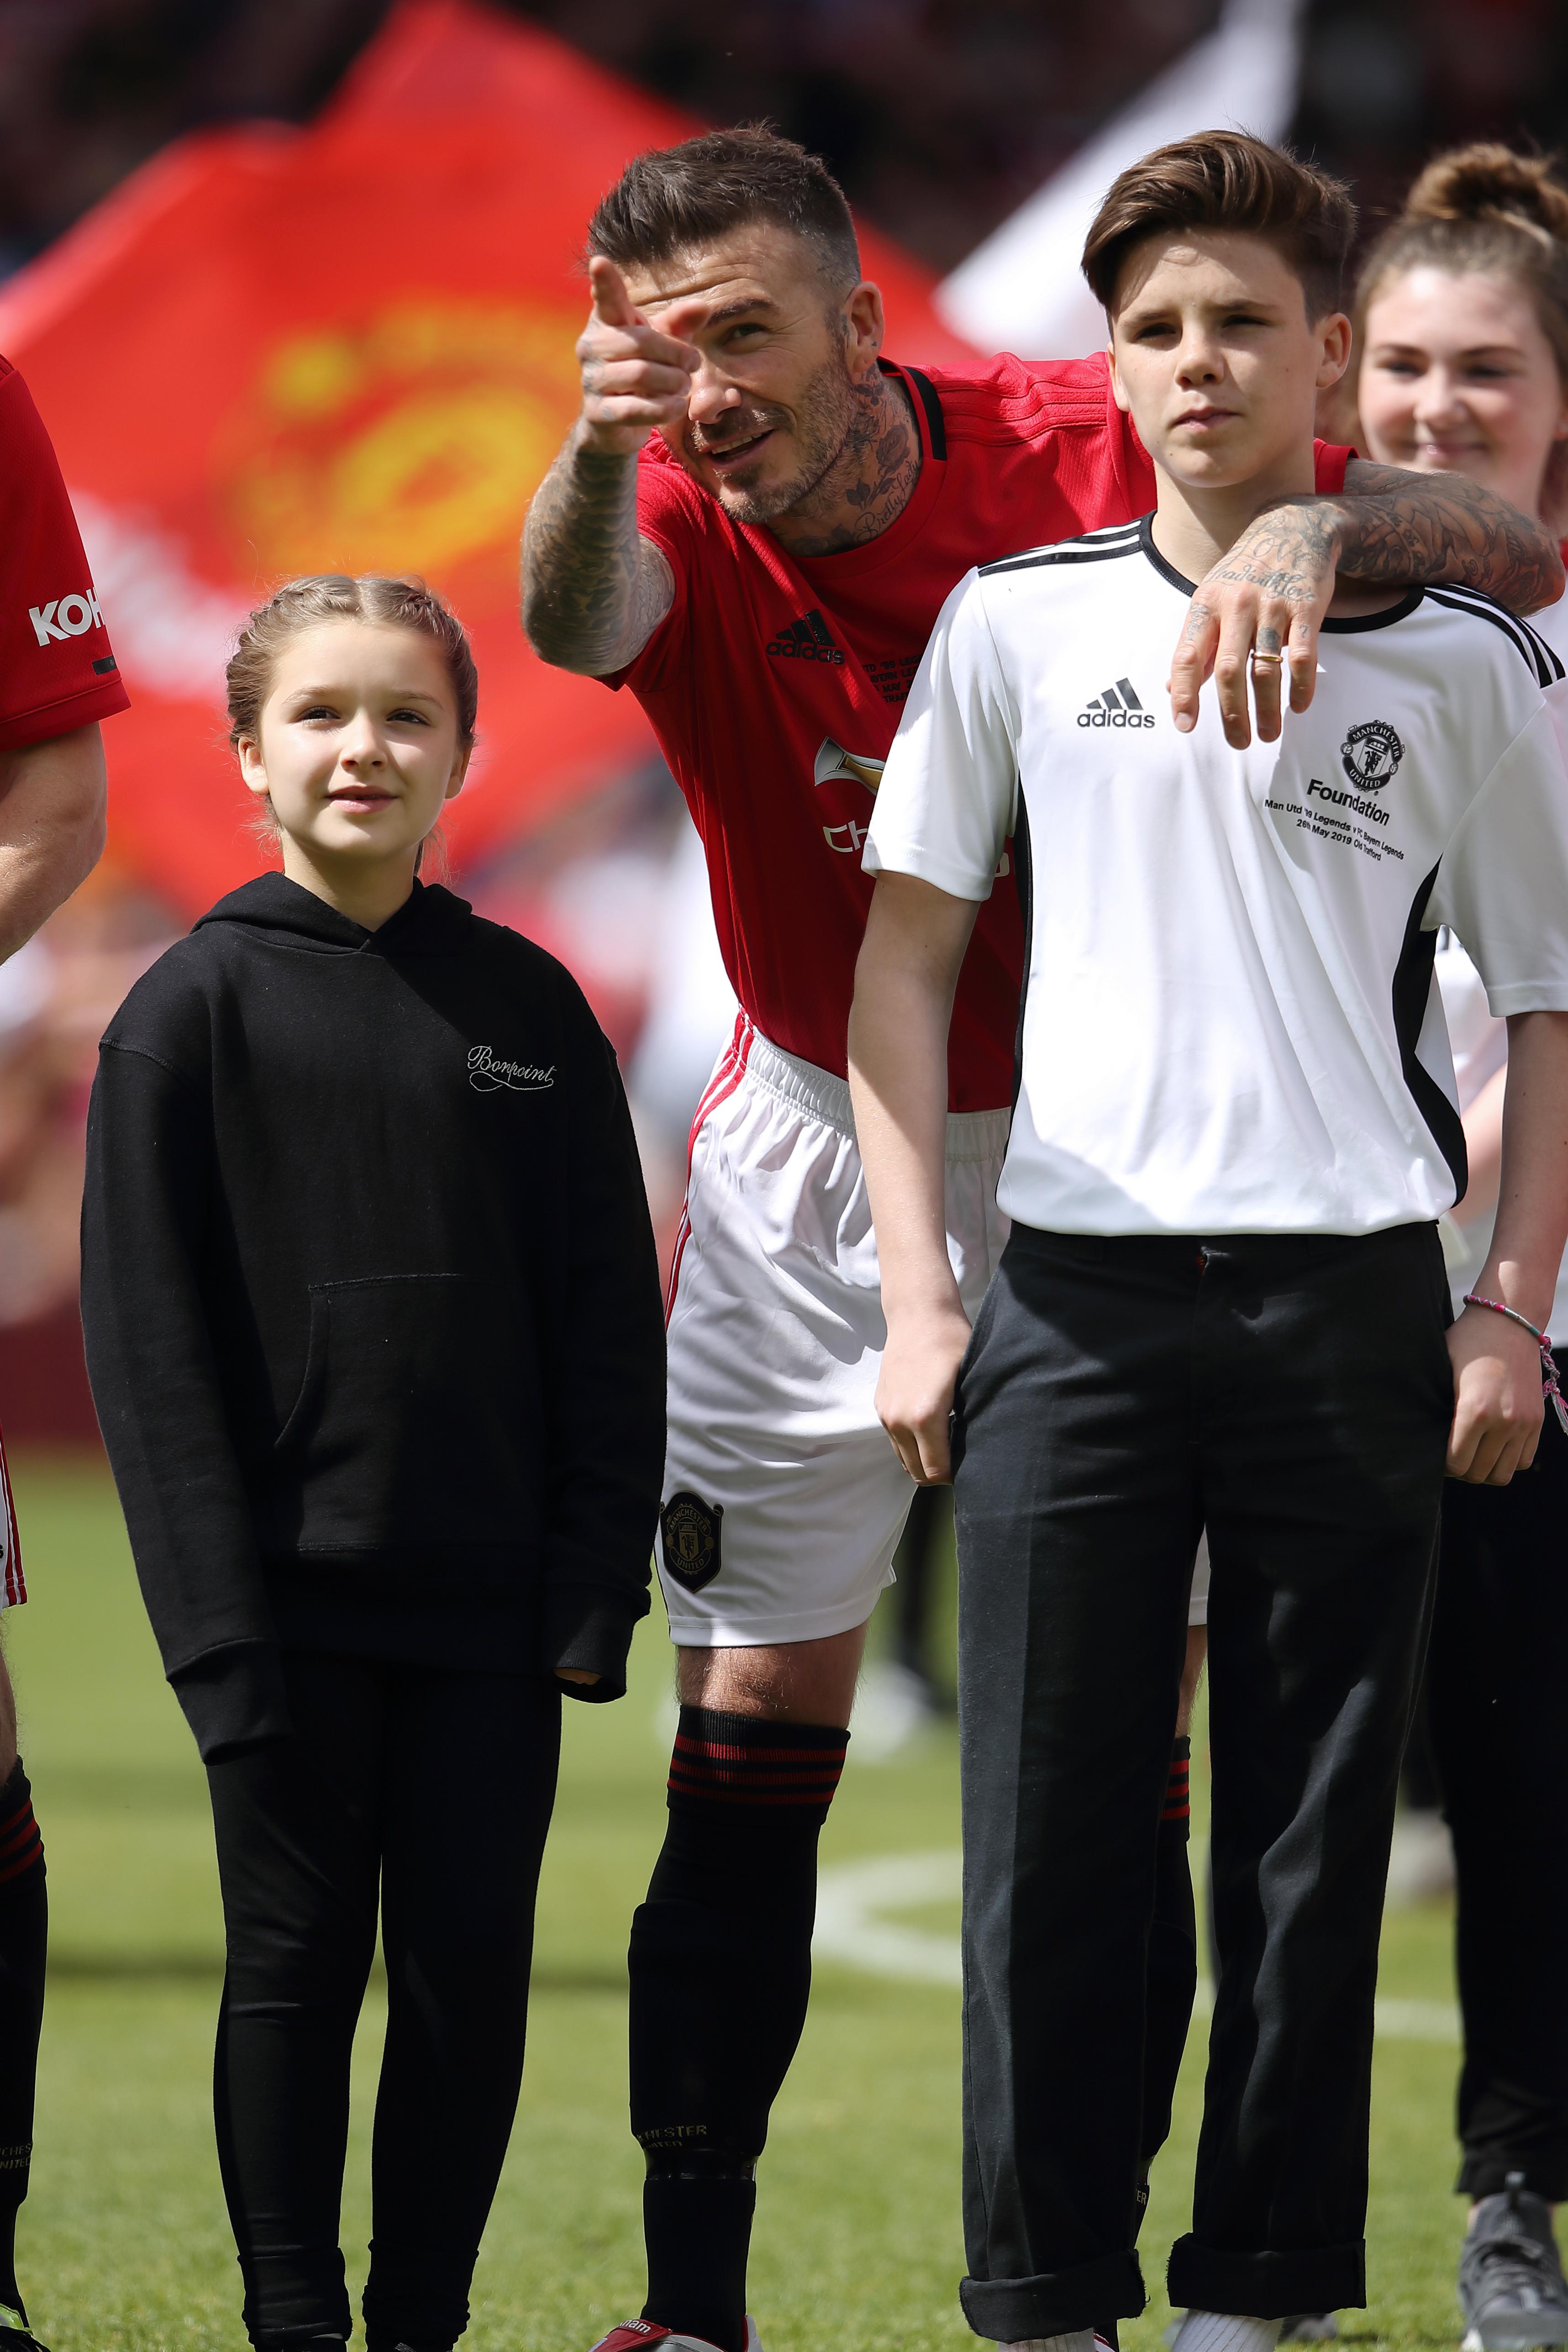 David Beckham Harper Beckham Cruz Beckham